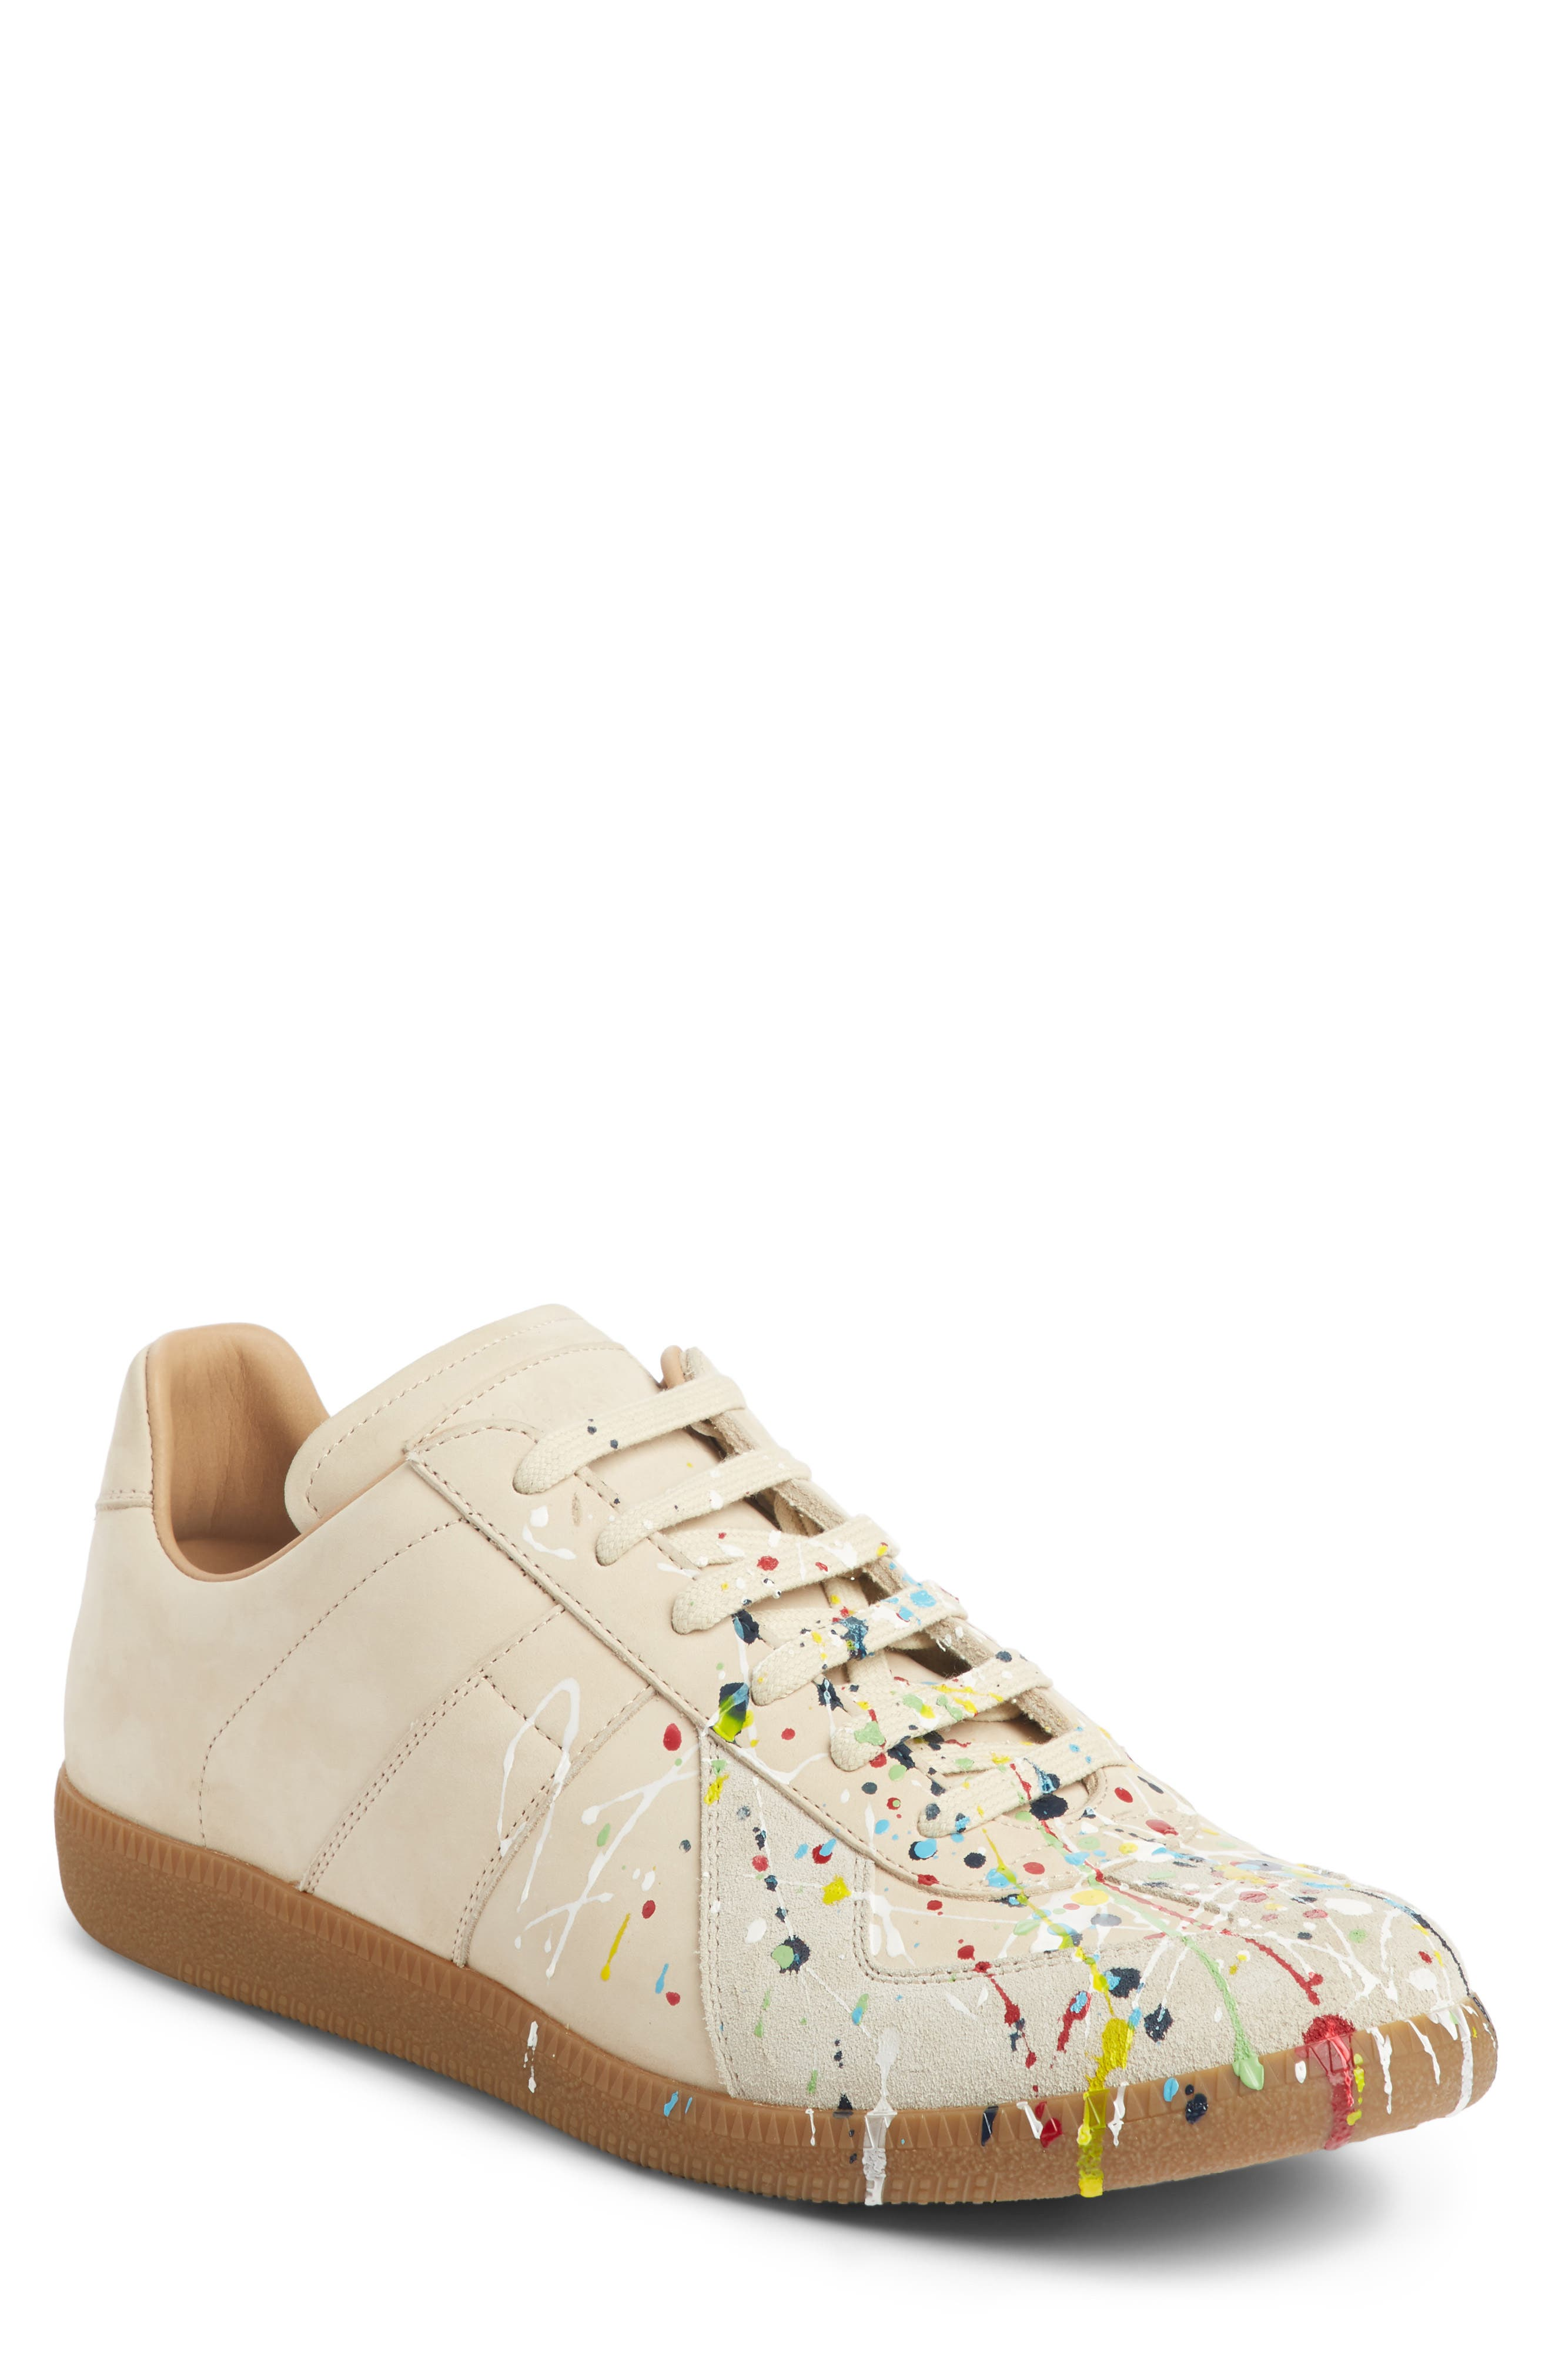 Maison Margiela Replica Low Top Sneaker,                         Main,                         color, BEIGE / PAINT